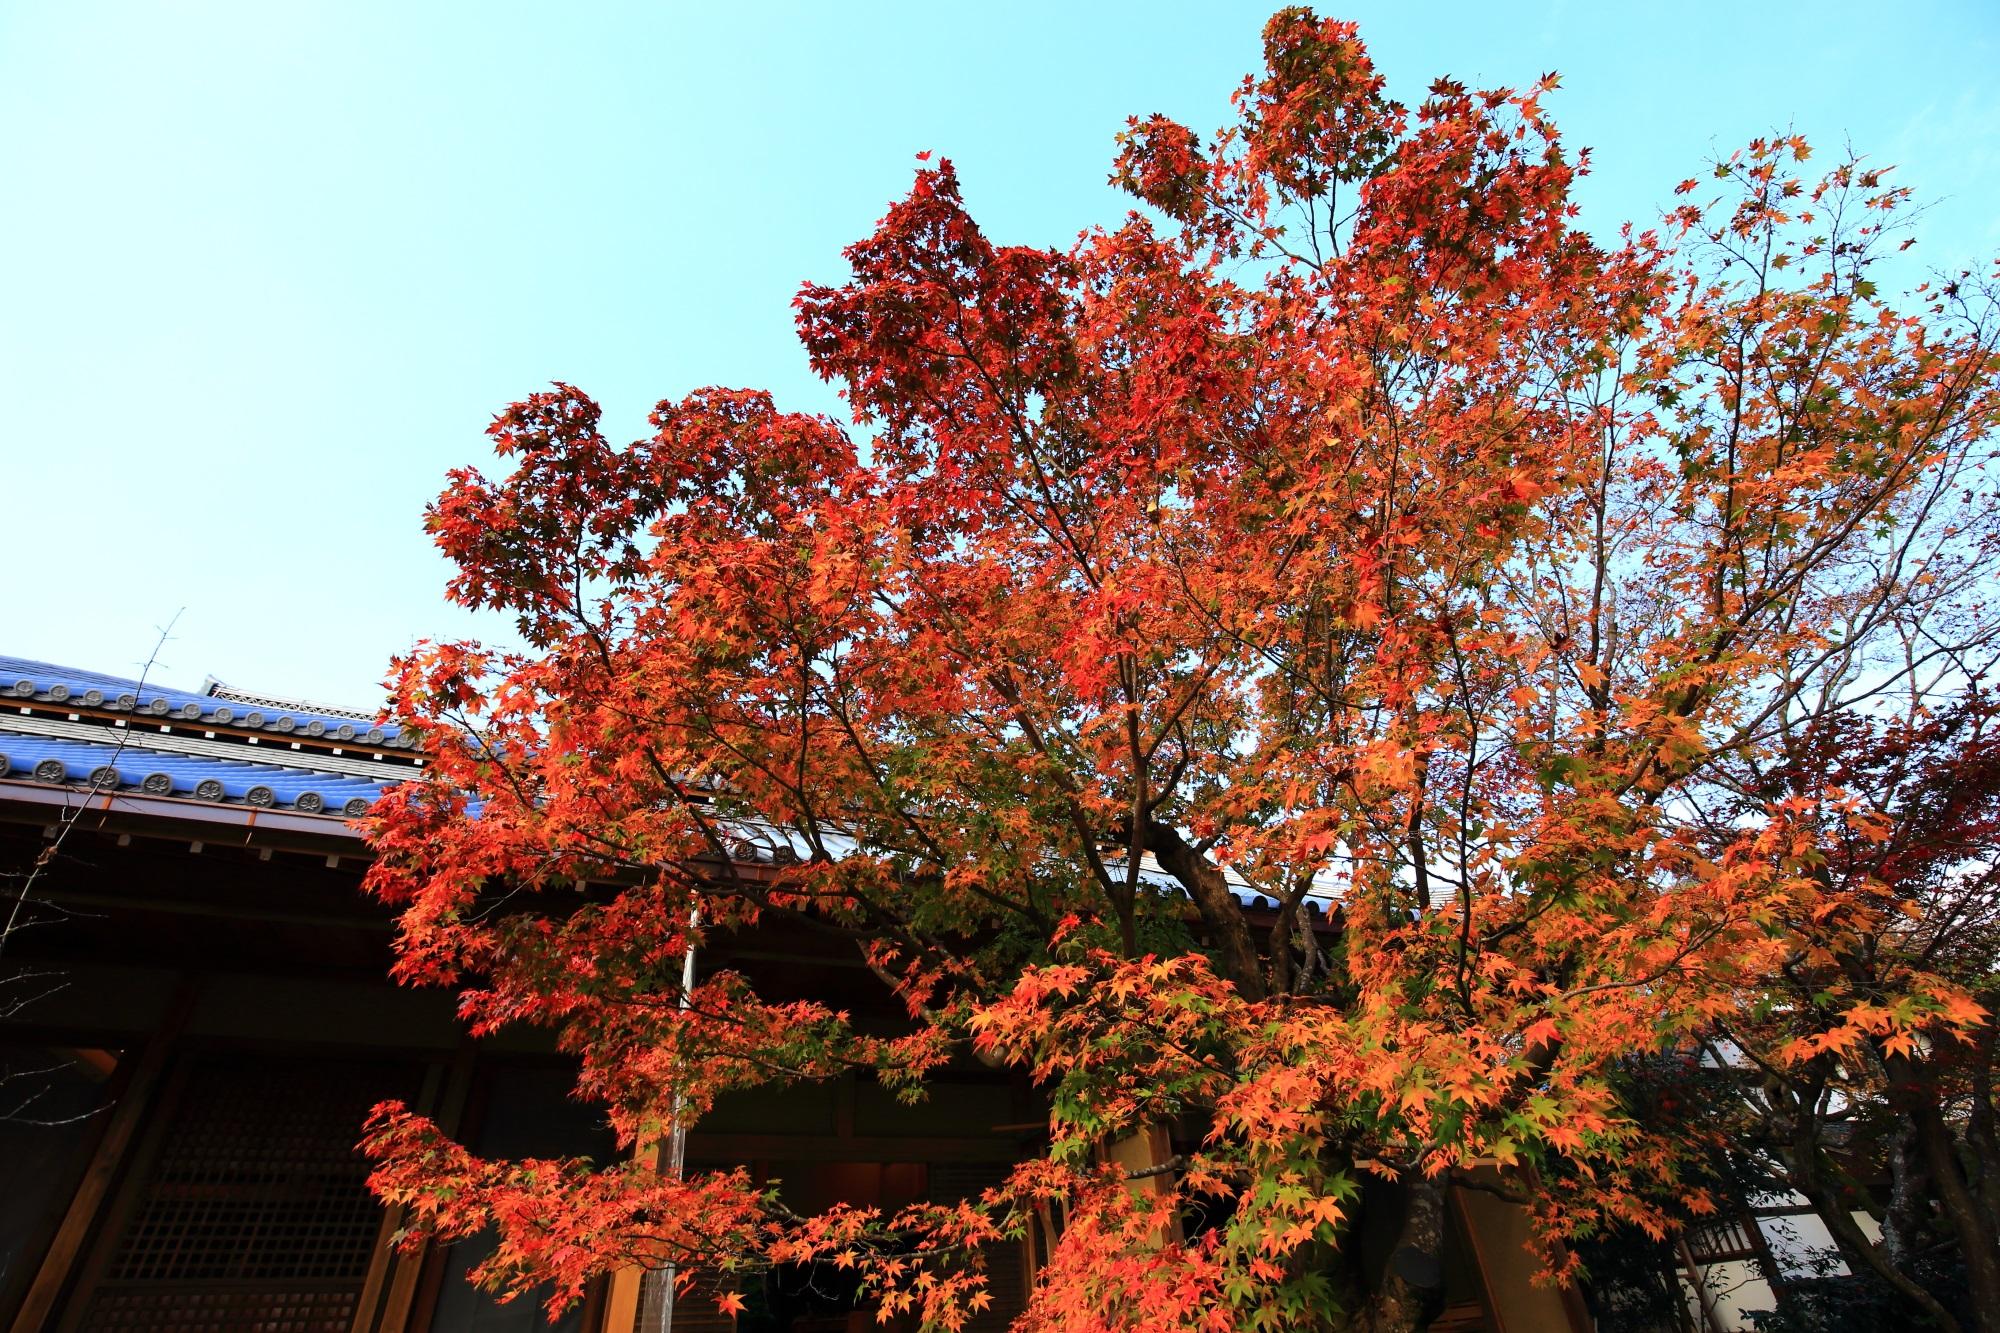 紅葉につつまれた常寂光寺の本堂